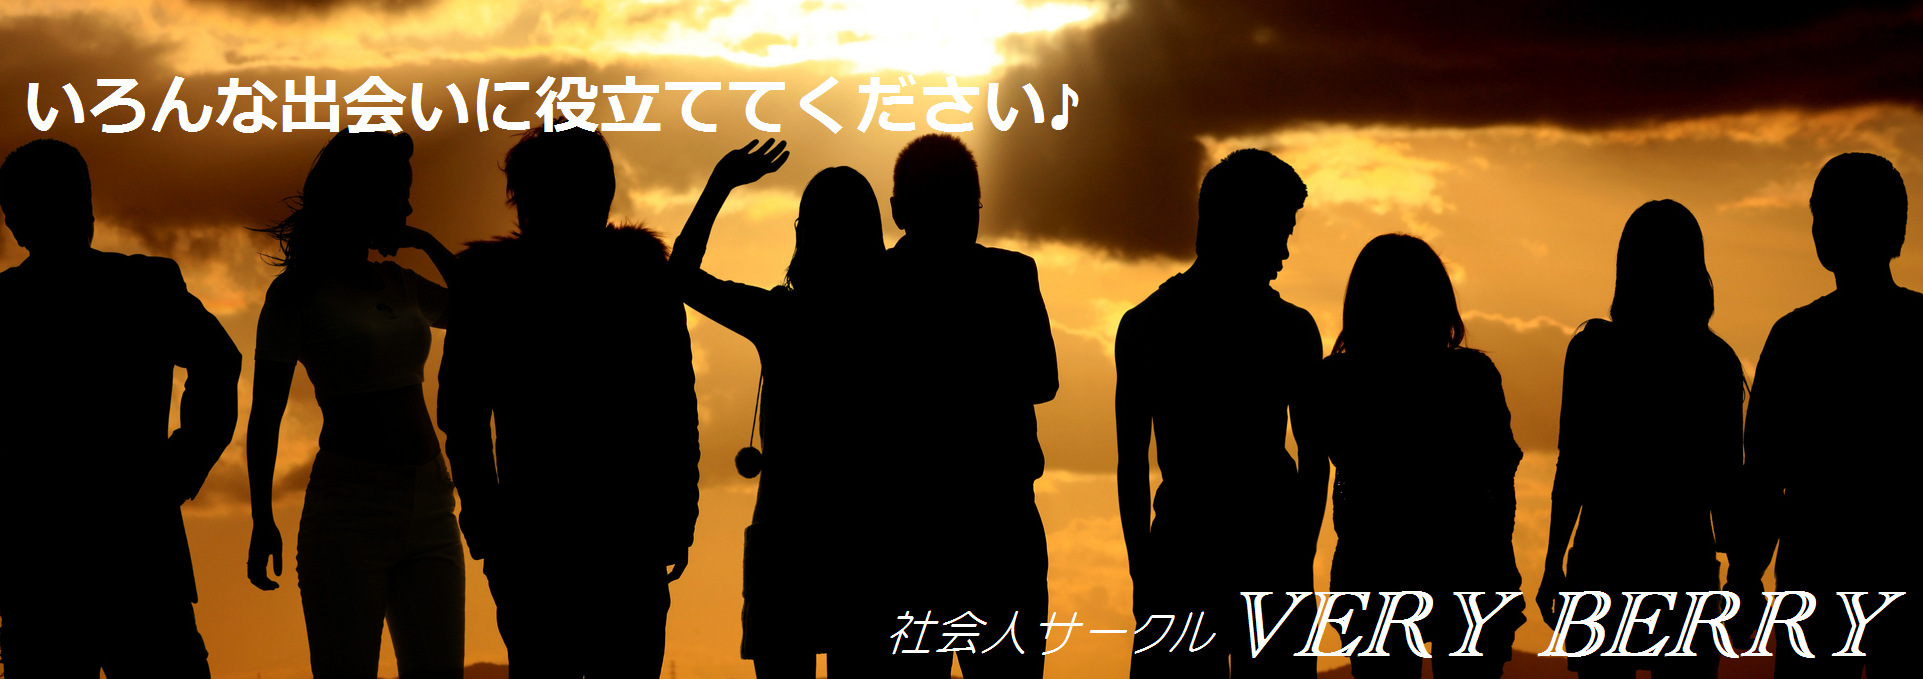 大阪イベント15